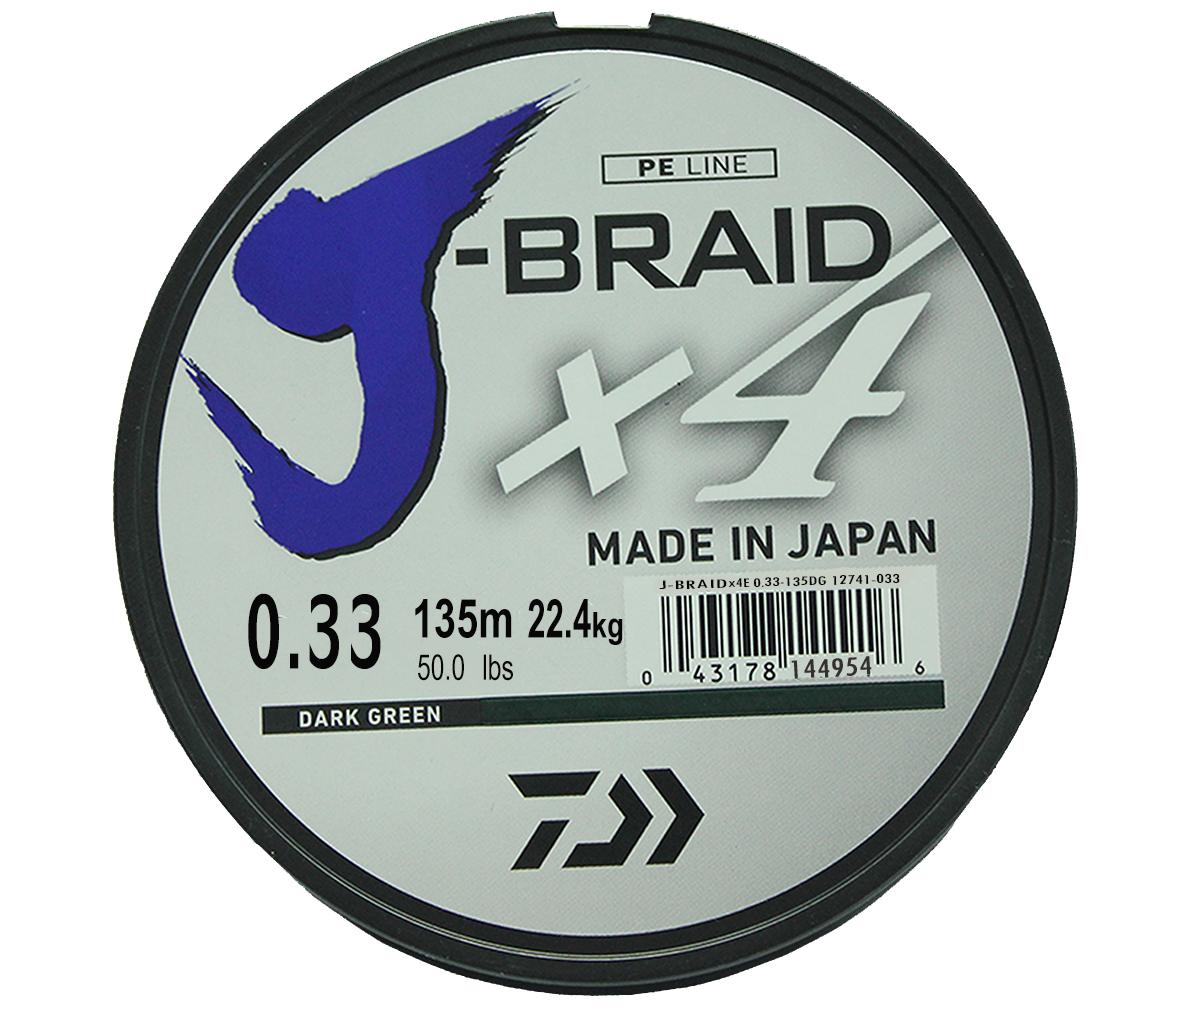 Шнур плетеный Daiwa J-Braid X4, цвет: зеленый, 135 м, 0,33 мм61167Новый 4х жильный шнур J-Braid, DAIWA - шнур высокого класса с удивительным соотношением цены и качества. Качество плетения полностьюсоответствует японским стандартам и удовлетворяет всем требованиям. Представленные диаметры позволяют использовать шнур для всех техникловли, начиная от ultra- light ловли окуня, до морской ловли палтуса, трески и т.д